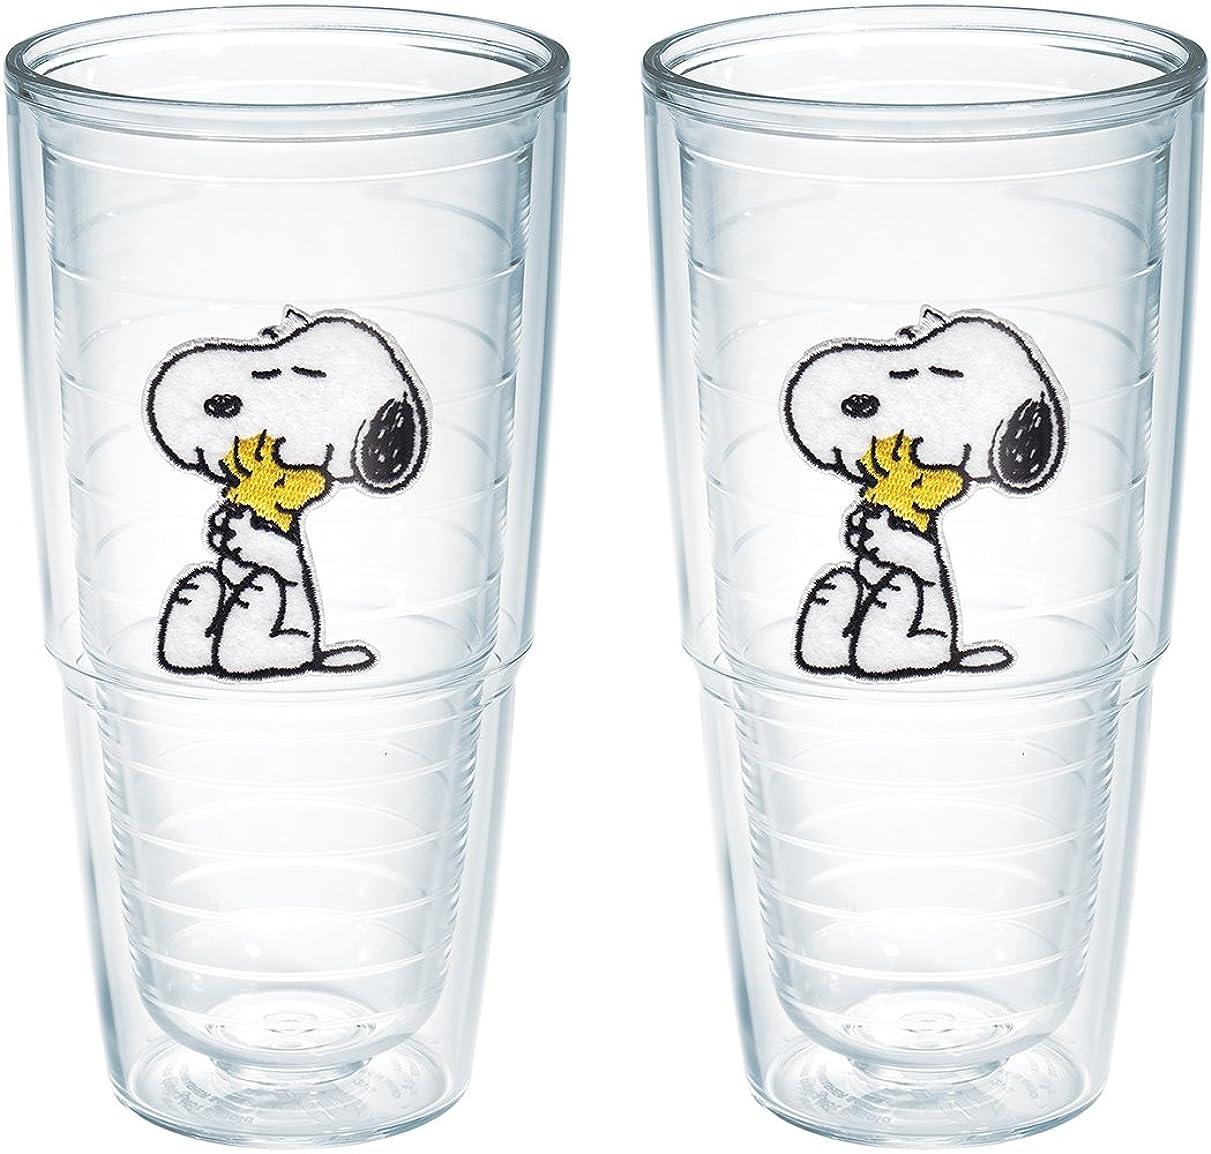 よろめくフェンス高架Tervis Peanuts Snoopy and Woodstock Tumbler, 710ml, 2-Pack